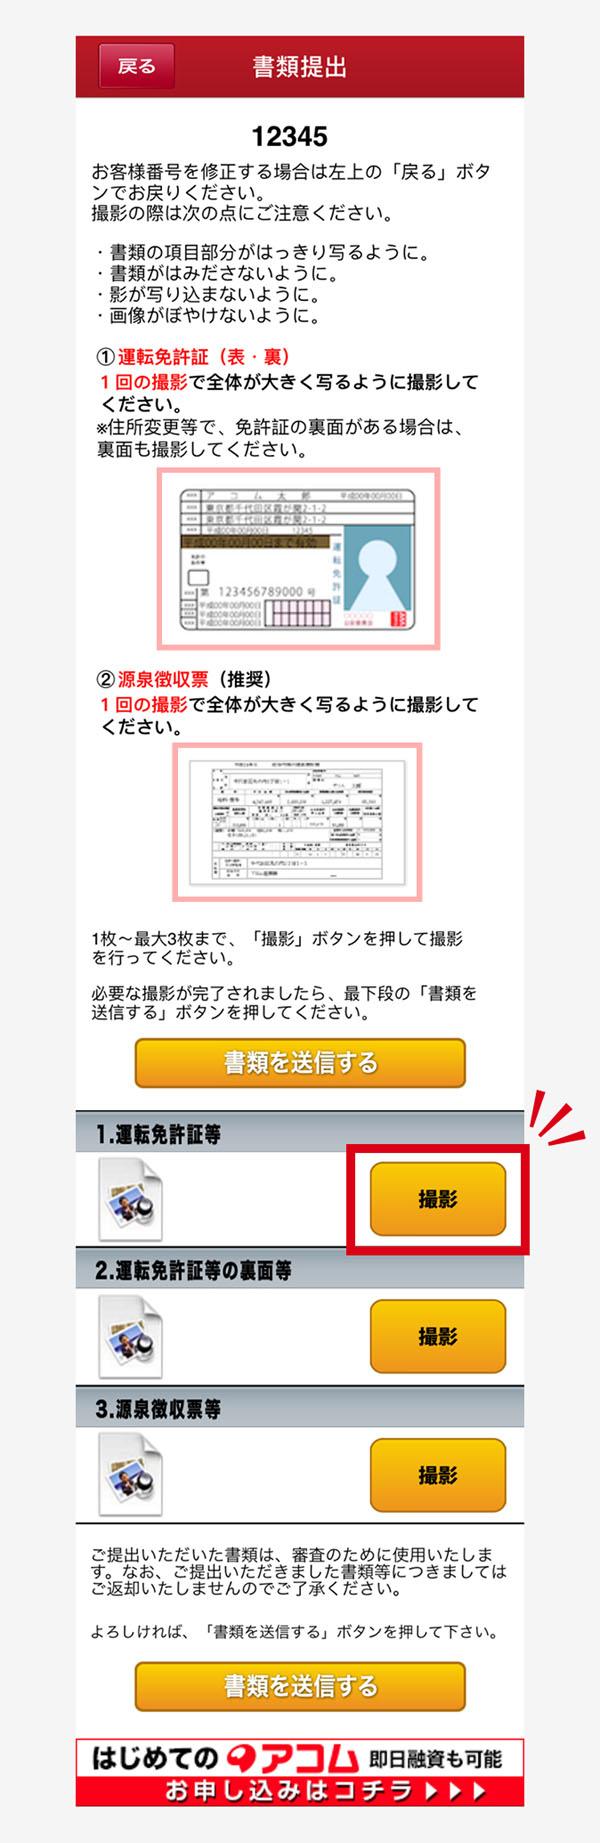 本人確認書類の撮影と提出のアプリ画面